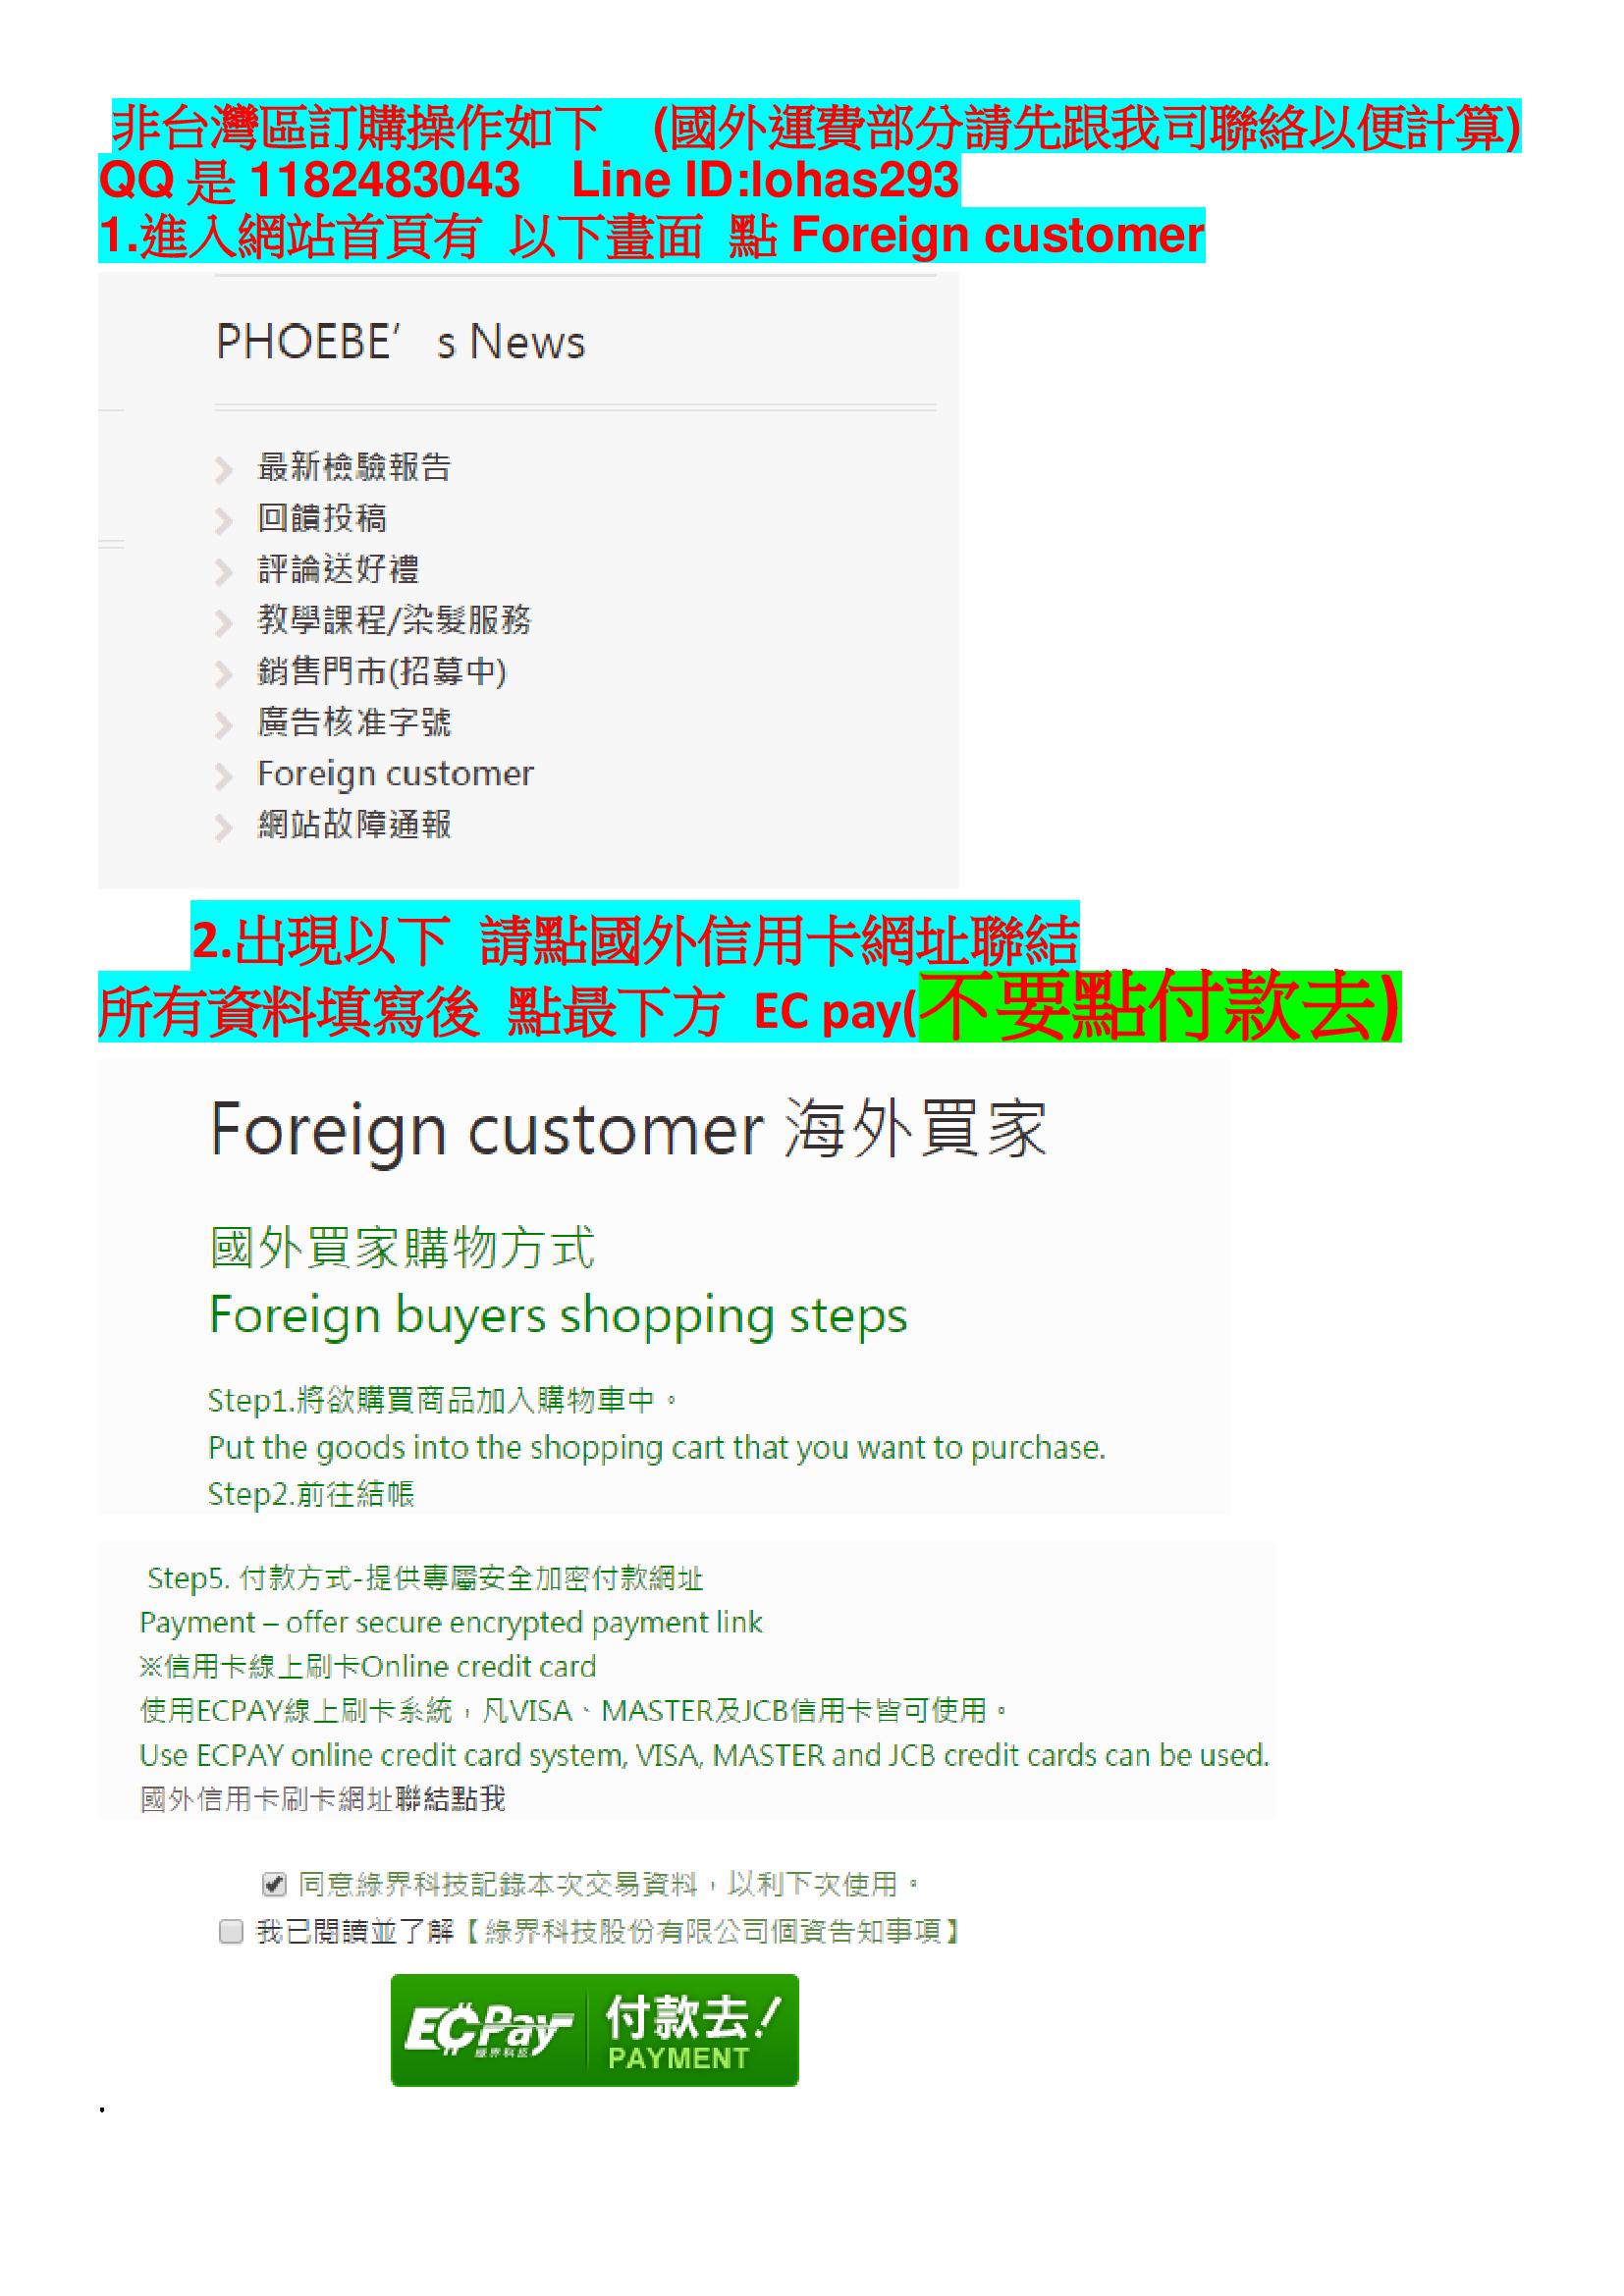 非台灣區訂購操作如下